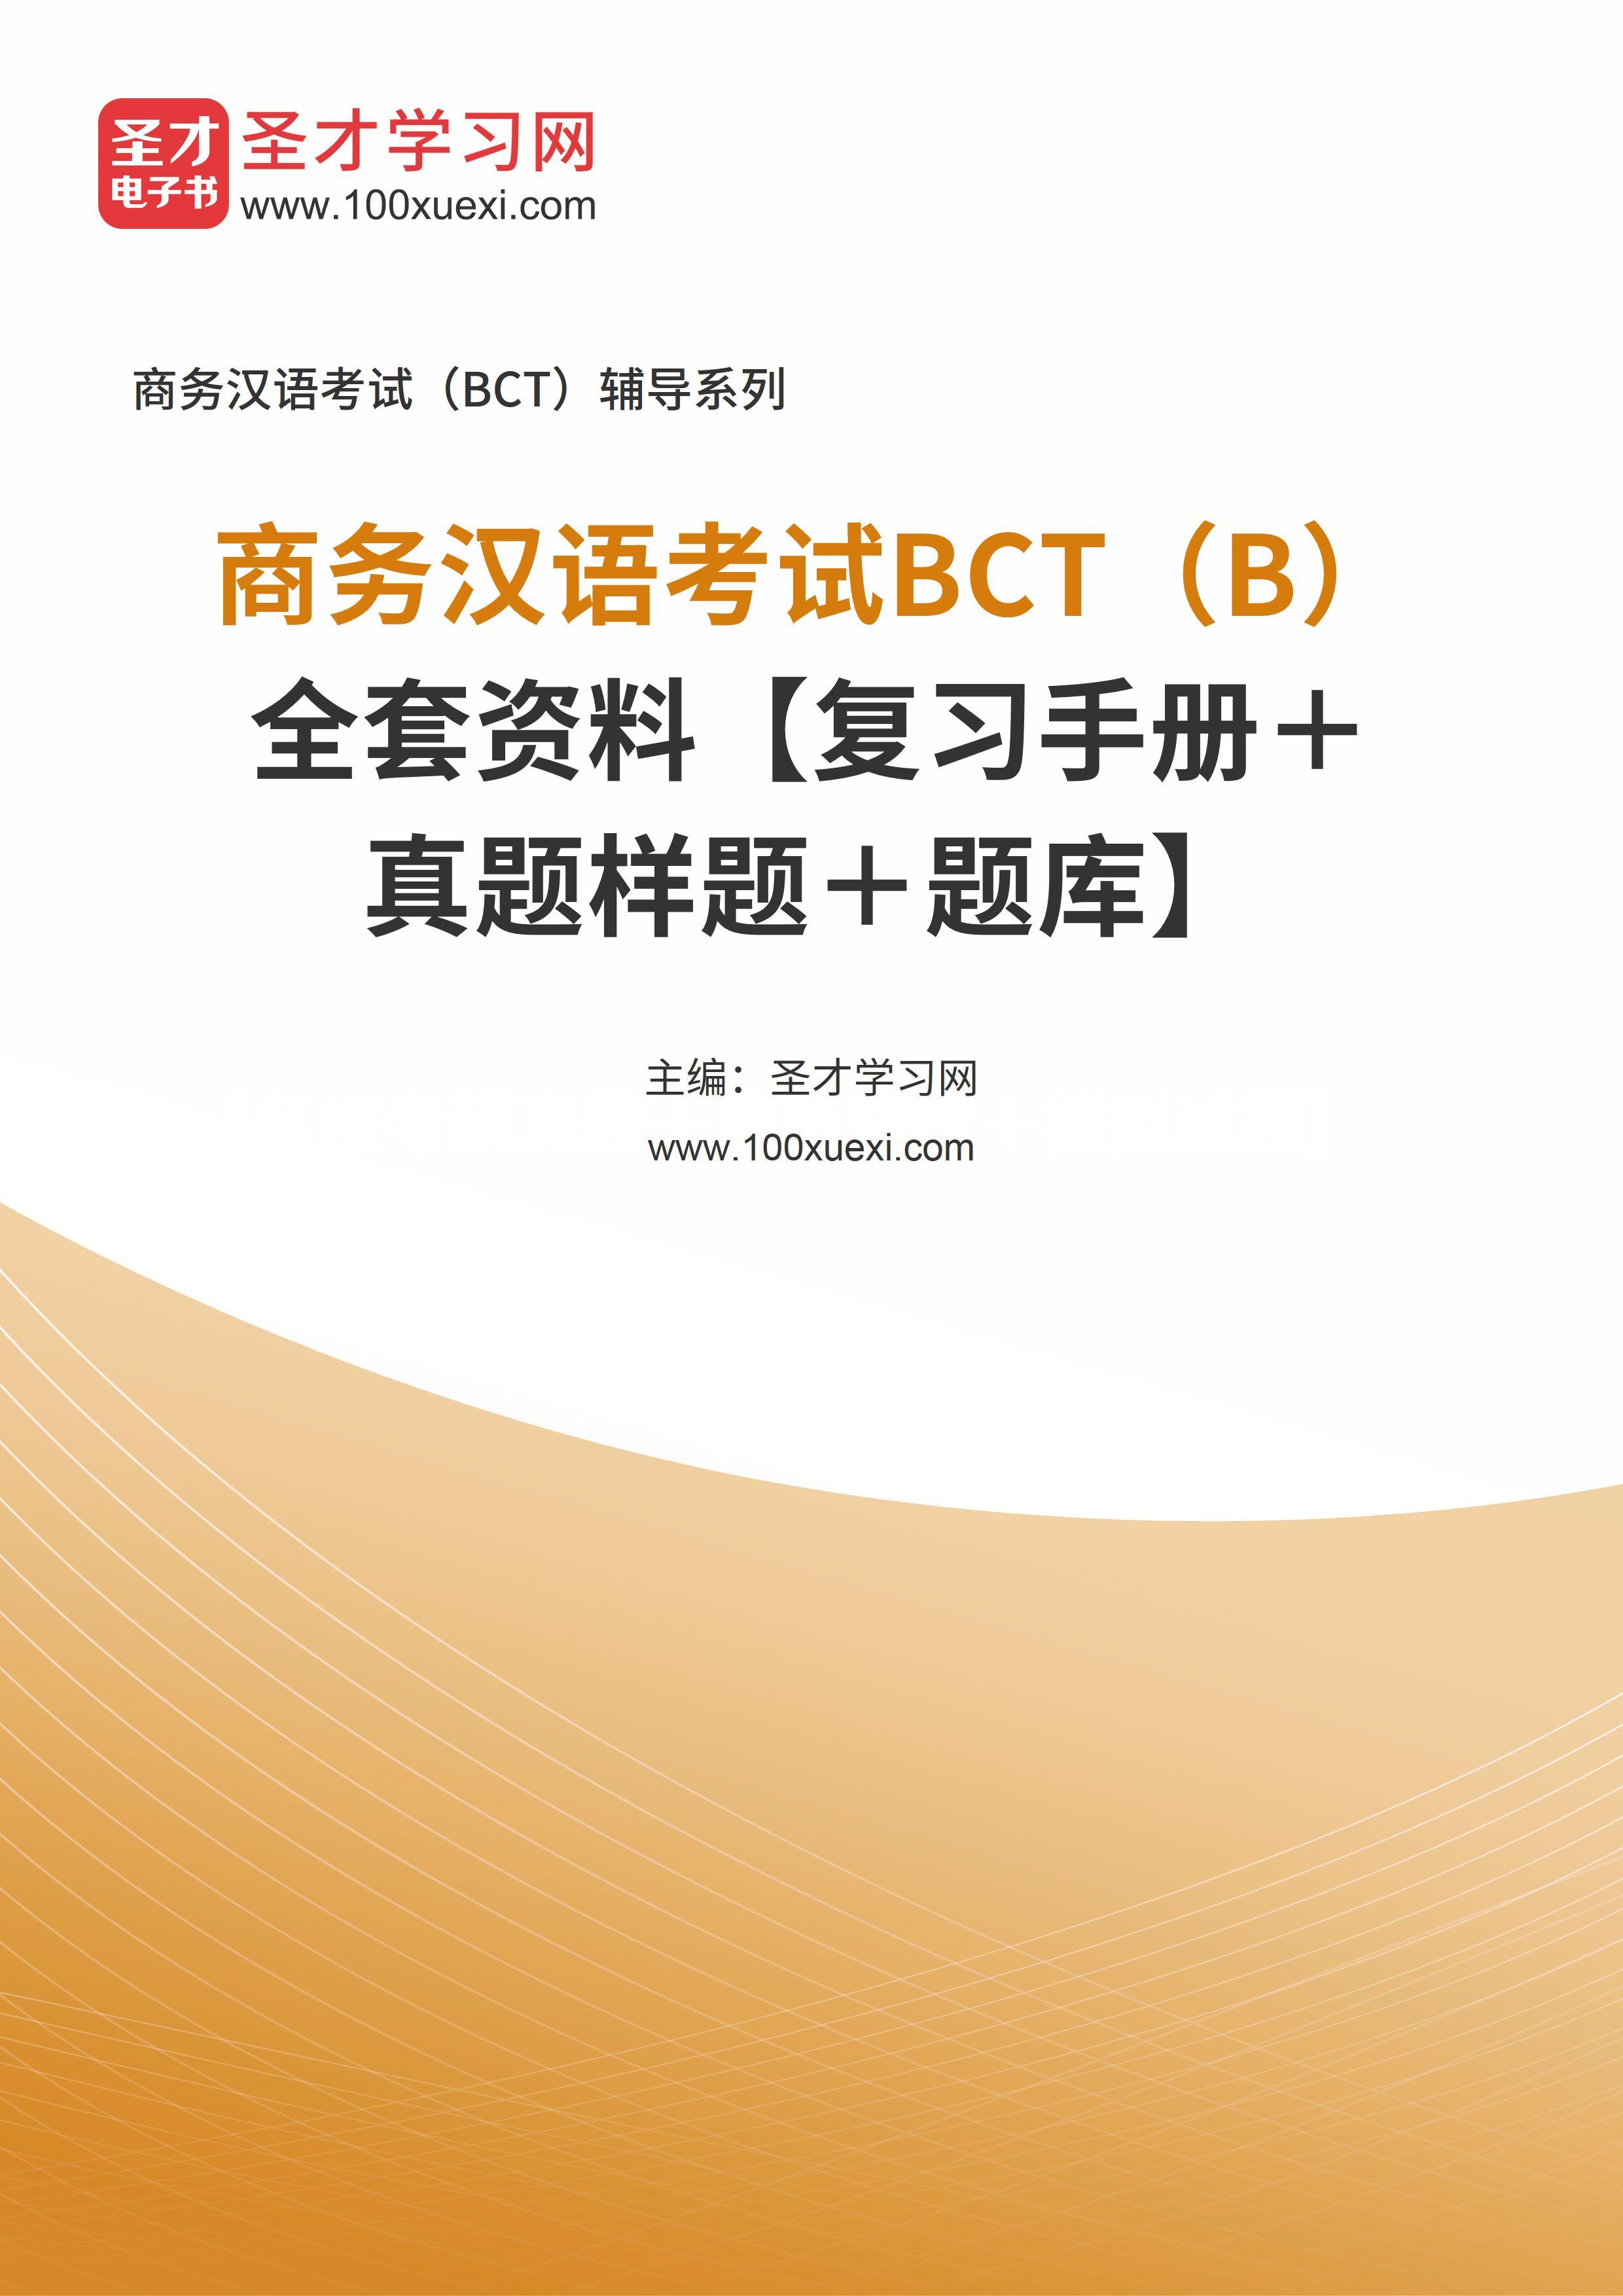 2021年商务汉语考试BCT(B)全套资料【复习手册+真题样题+题库】